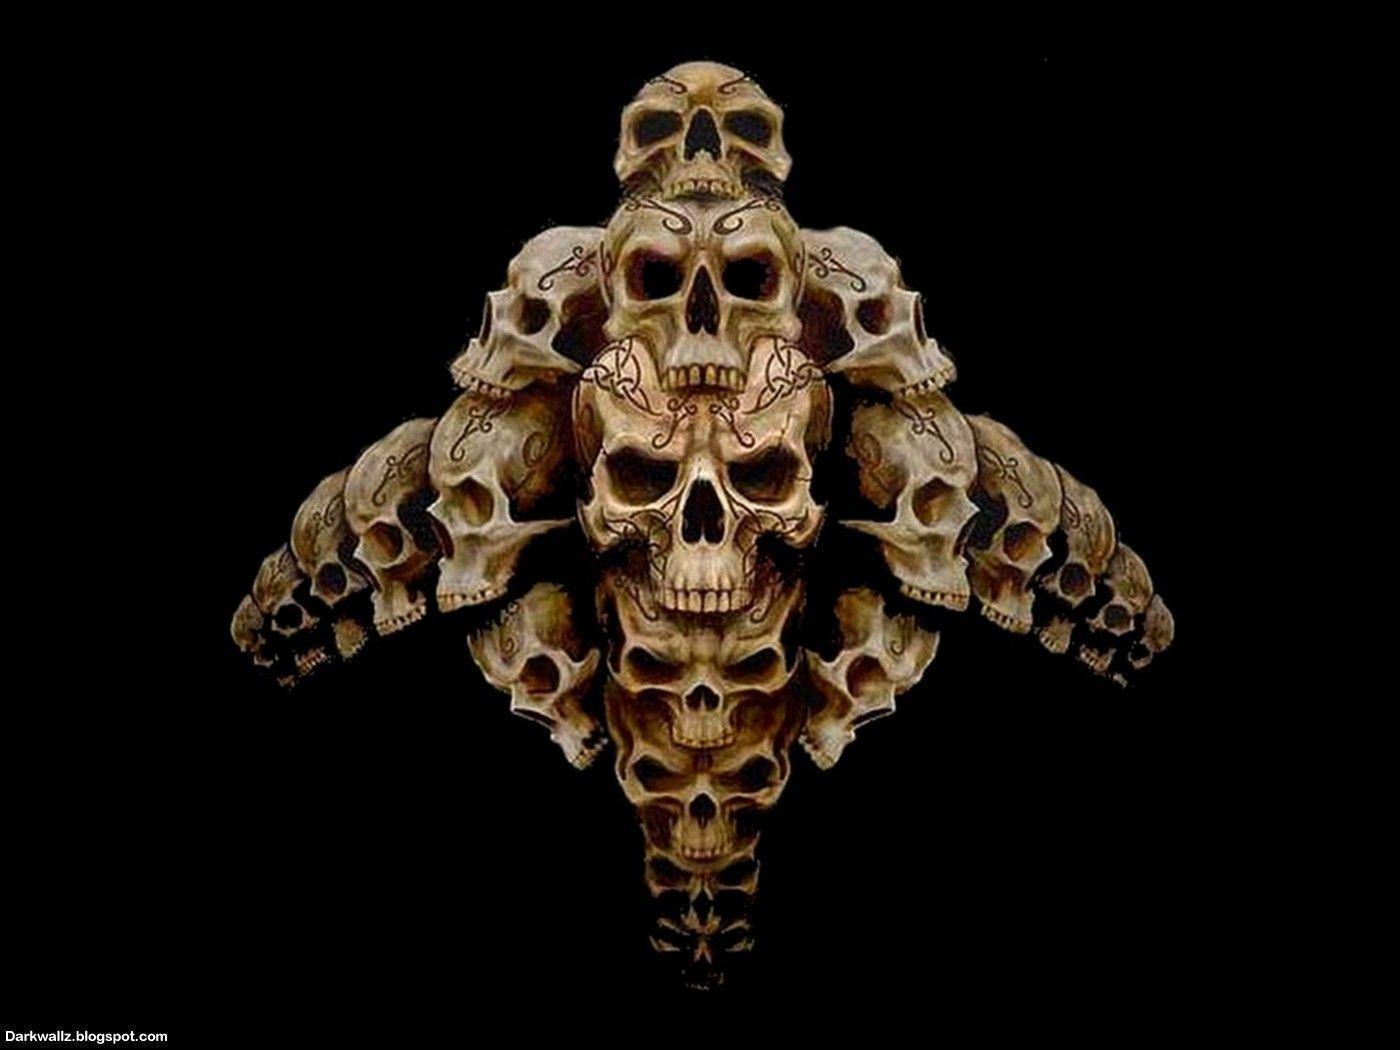 Skulls Wallpapers 64 Dark Skull Wallpapers Harley Davidson Thirsty Thursday 1400x1050 Wallpaper Teahub Io